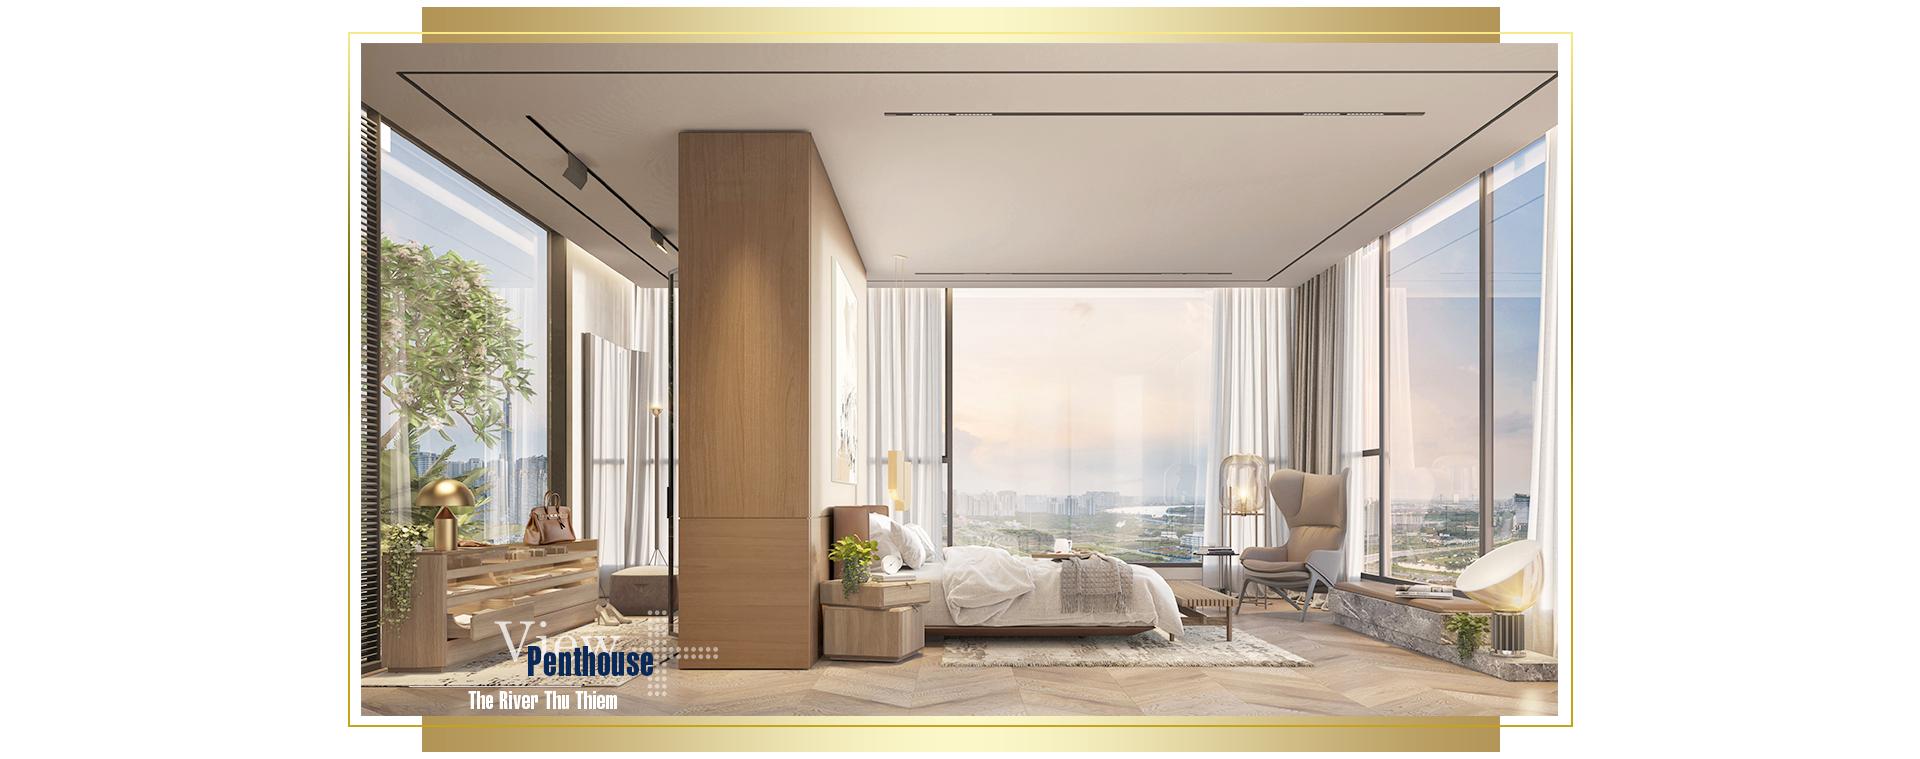 Trải nghiệm khác biệt tại penthouse ven sông Sài Gòn 5